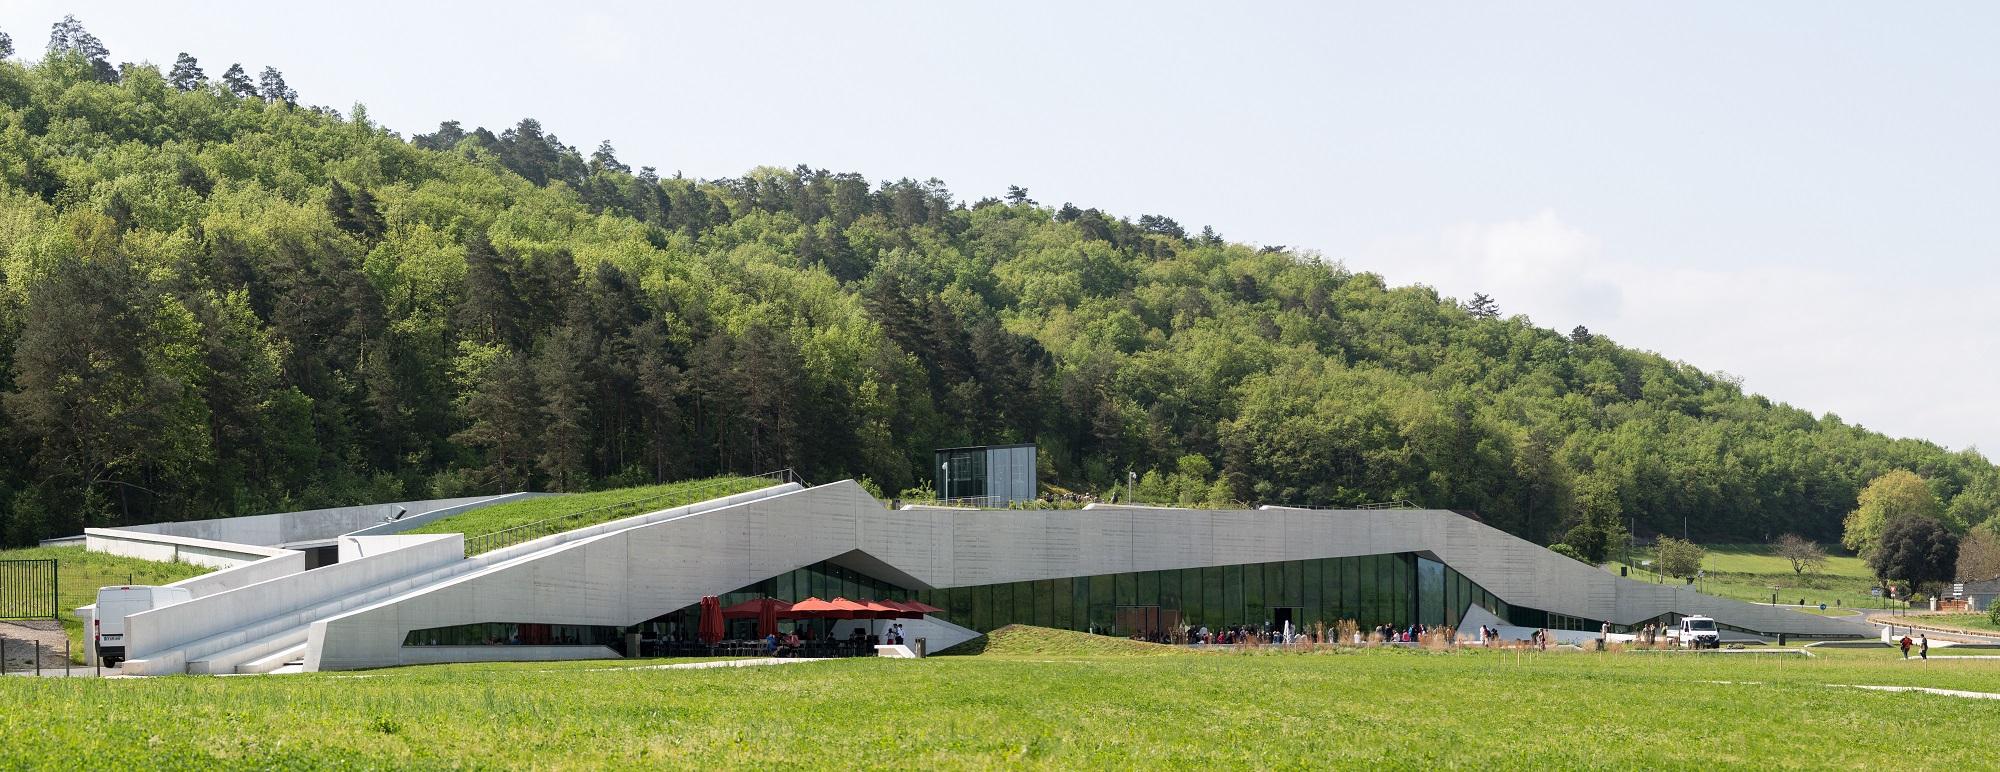 Lascaux Centre Internasjonal, teikna av det norske arkitektkontoret Snøhetta. Foto: Kjell Bitustøyl